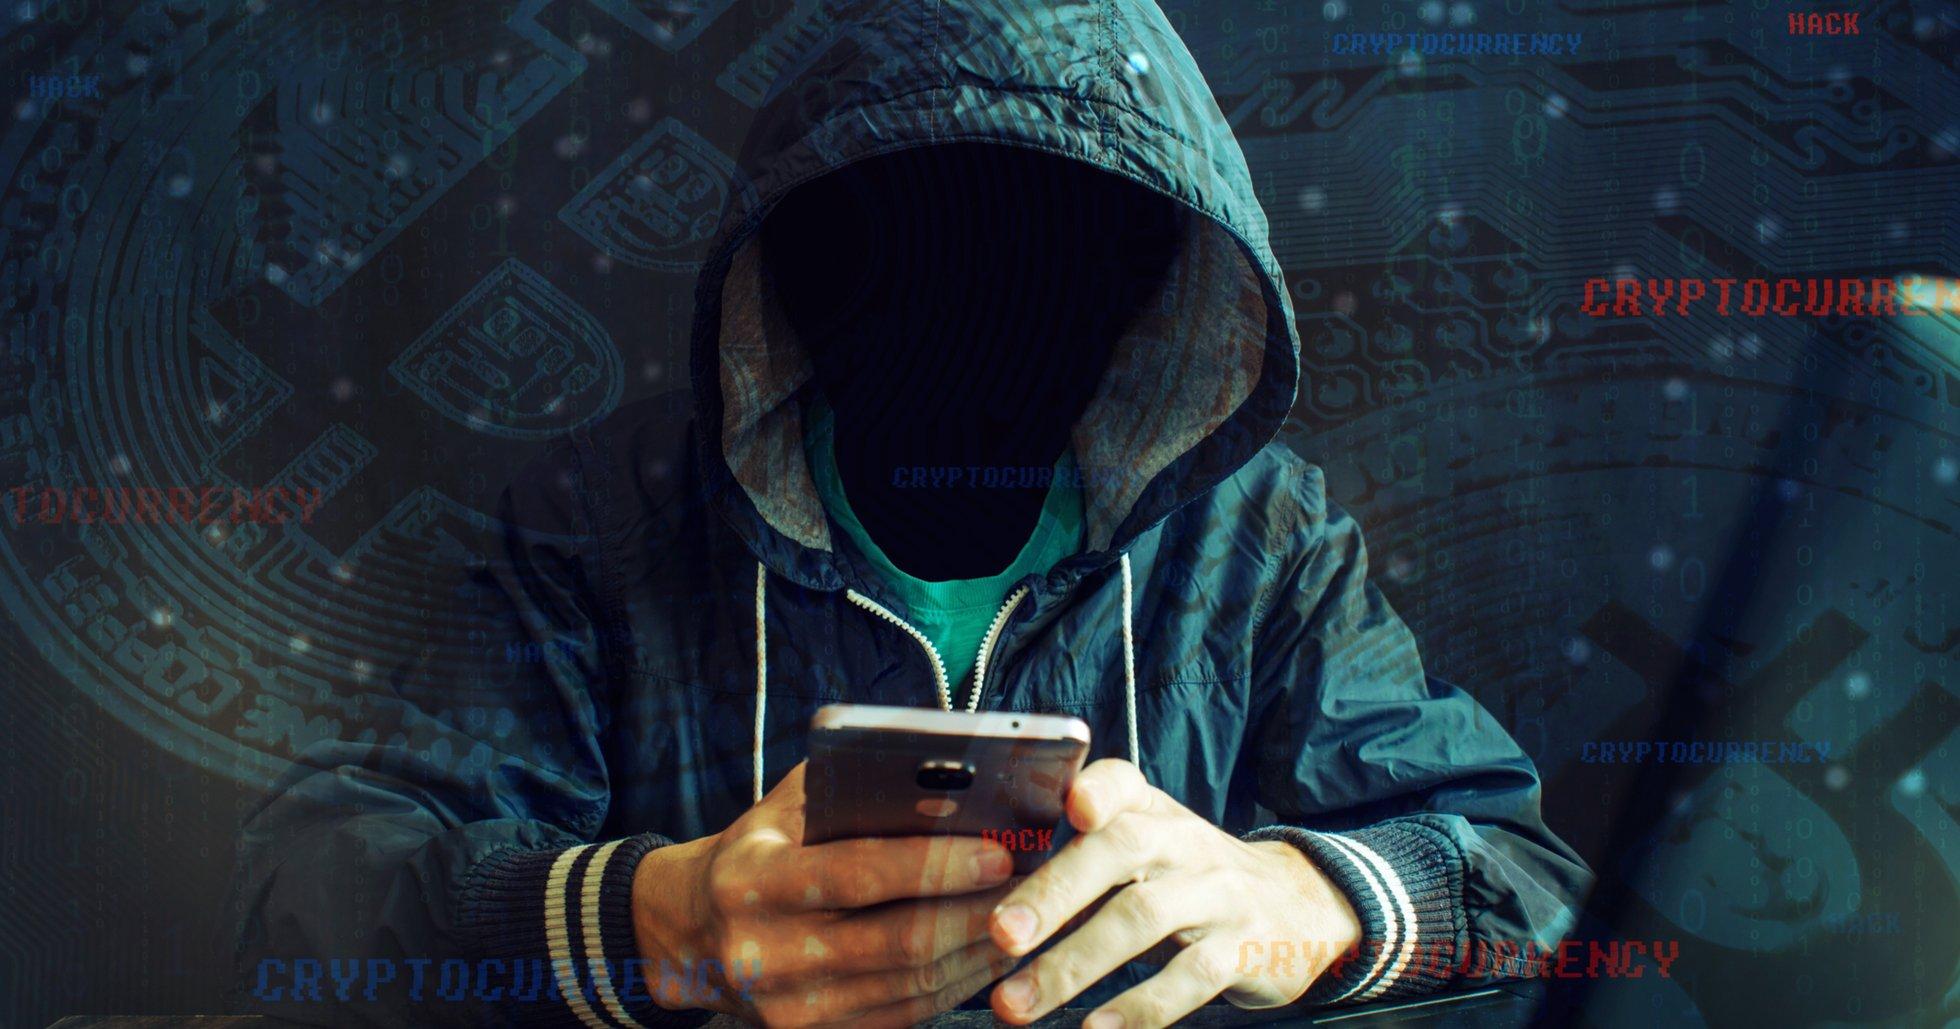 Krypto-vd döms till 14 månaders fängelse för bedrägeri.